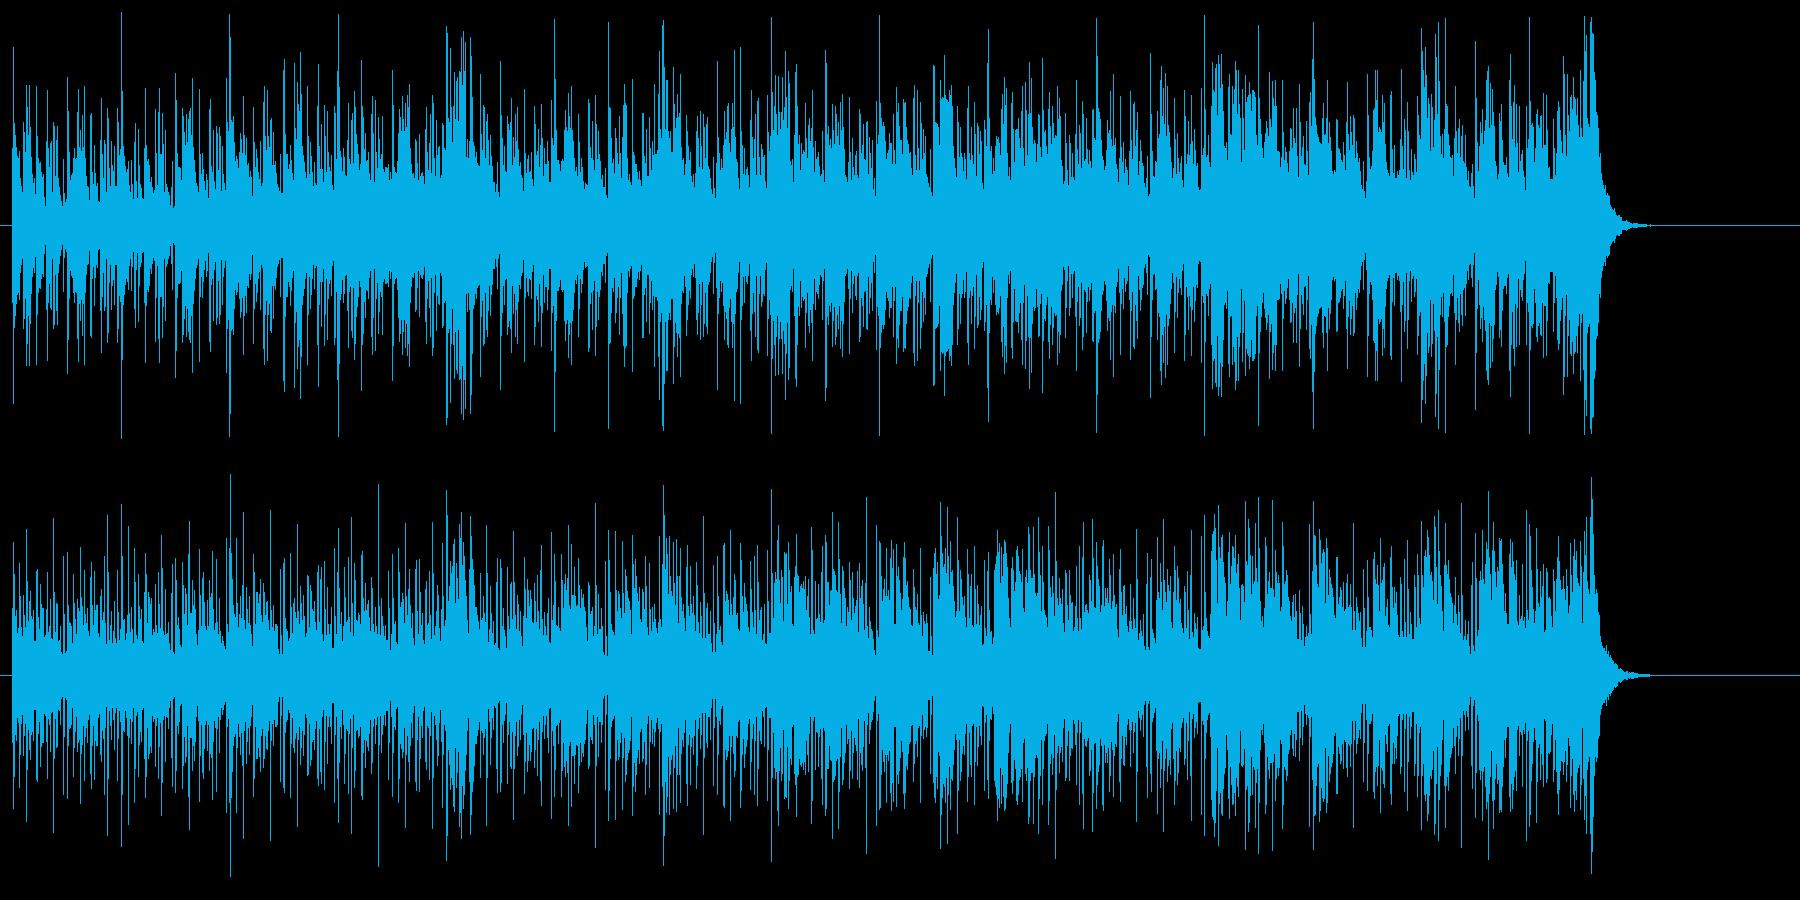 アイランド気分のラテン系オープニングの再生済みの波形